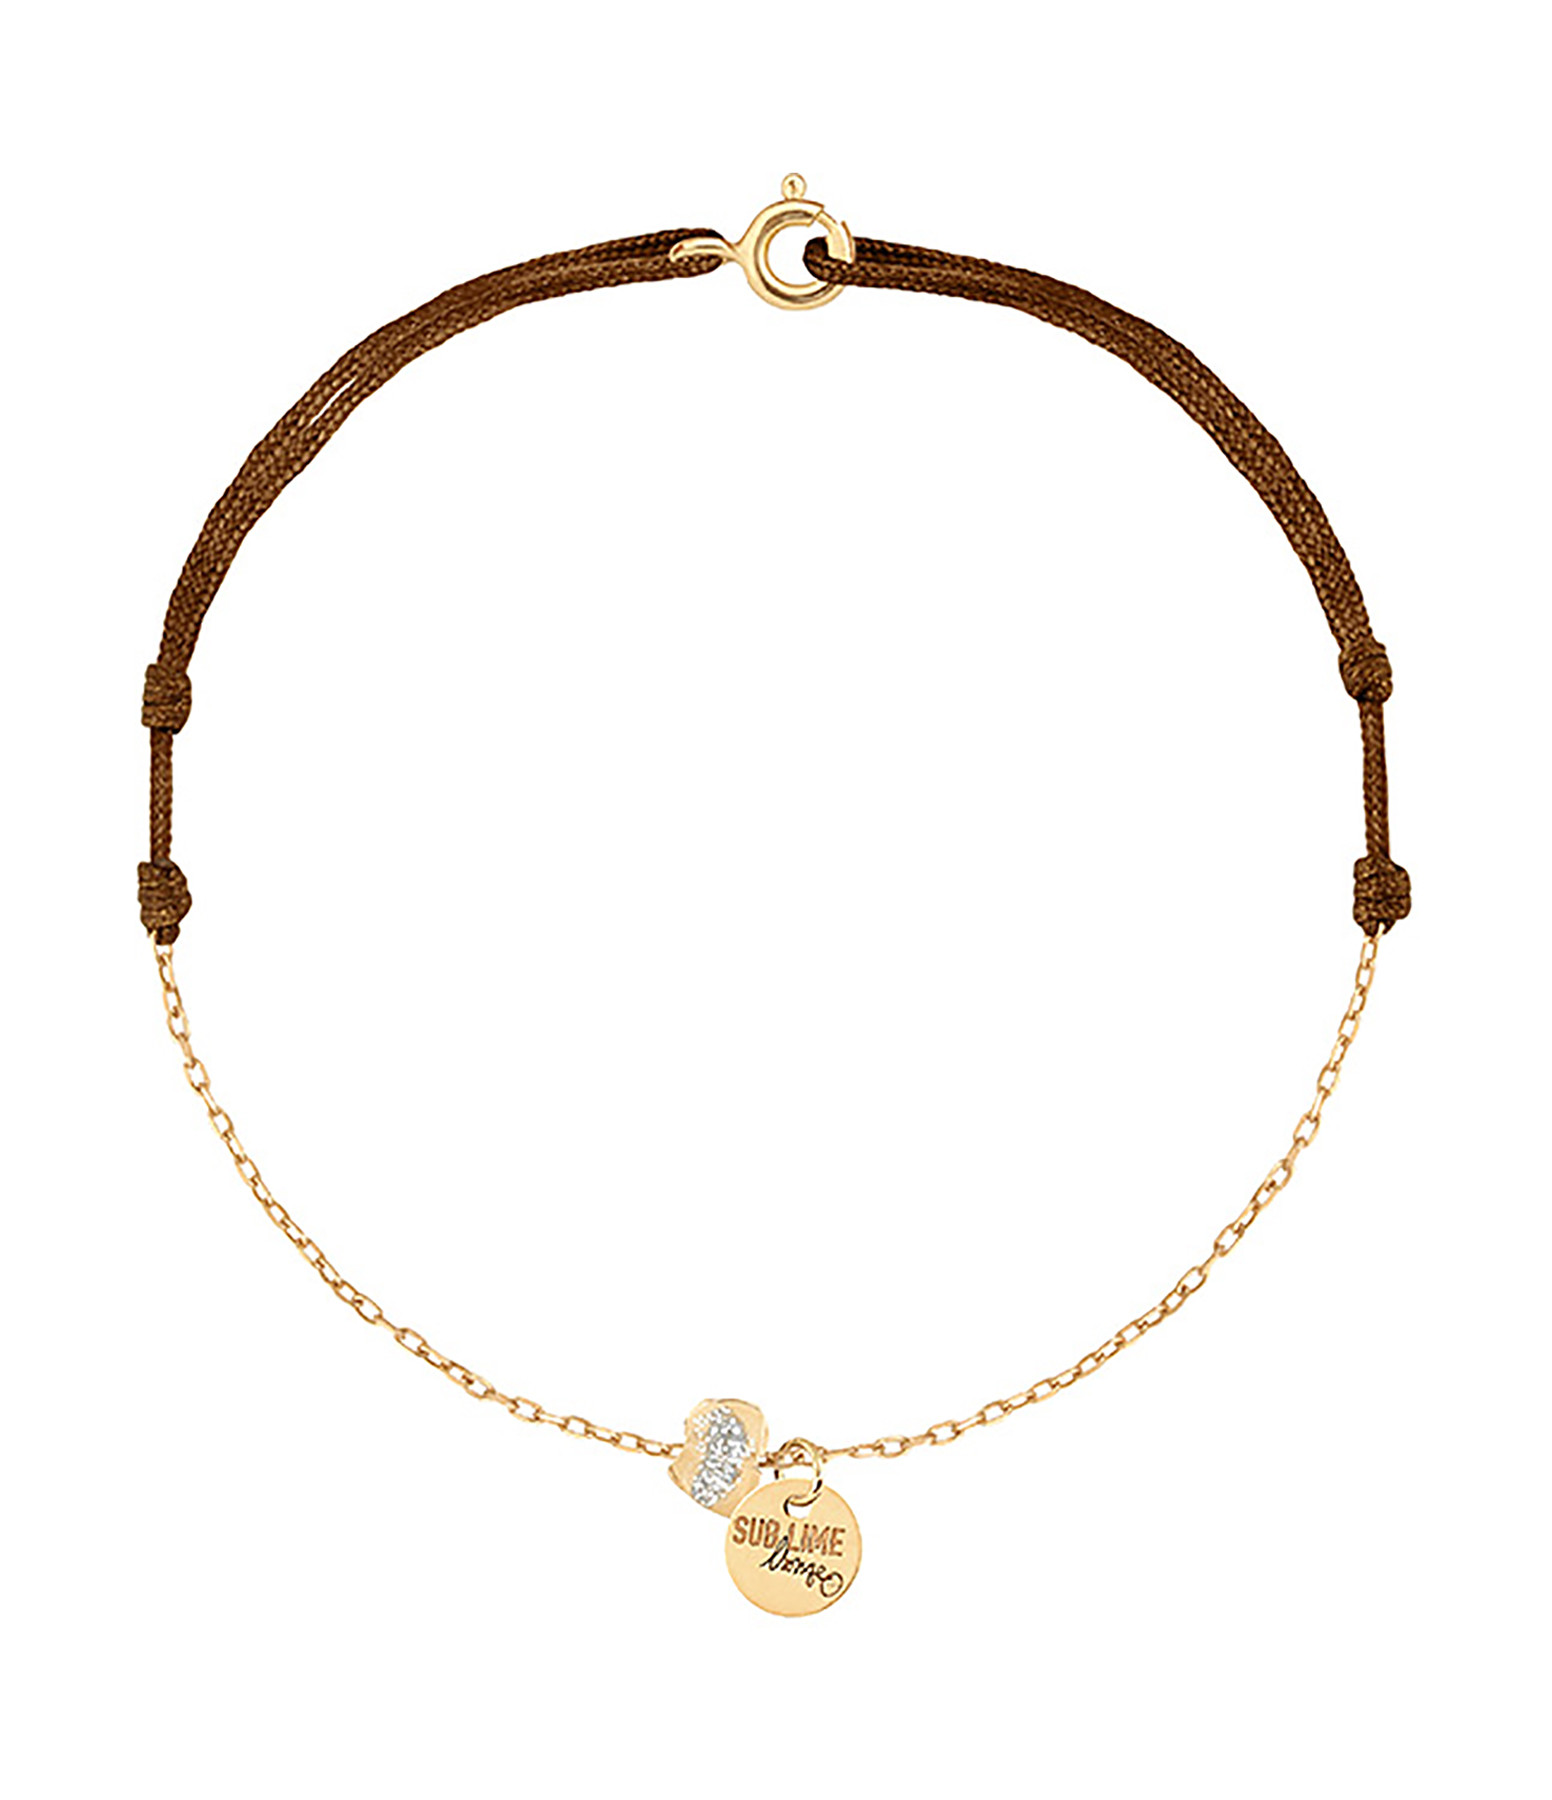 LSONGE - Bracelet Cordon Chaine Sublime Médaille Émail Or